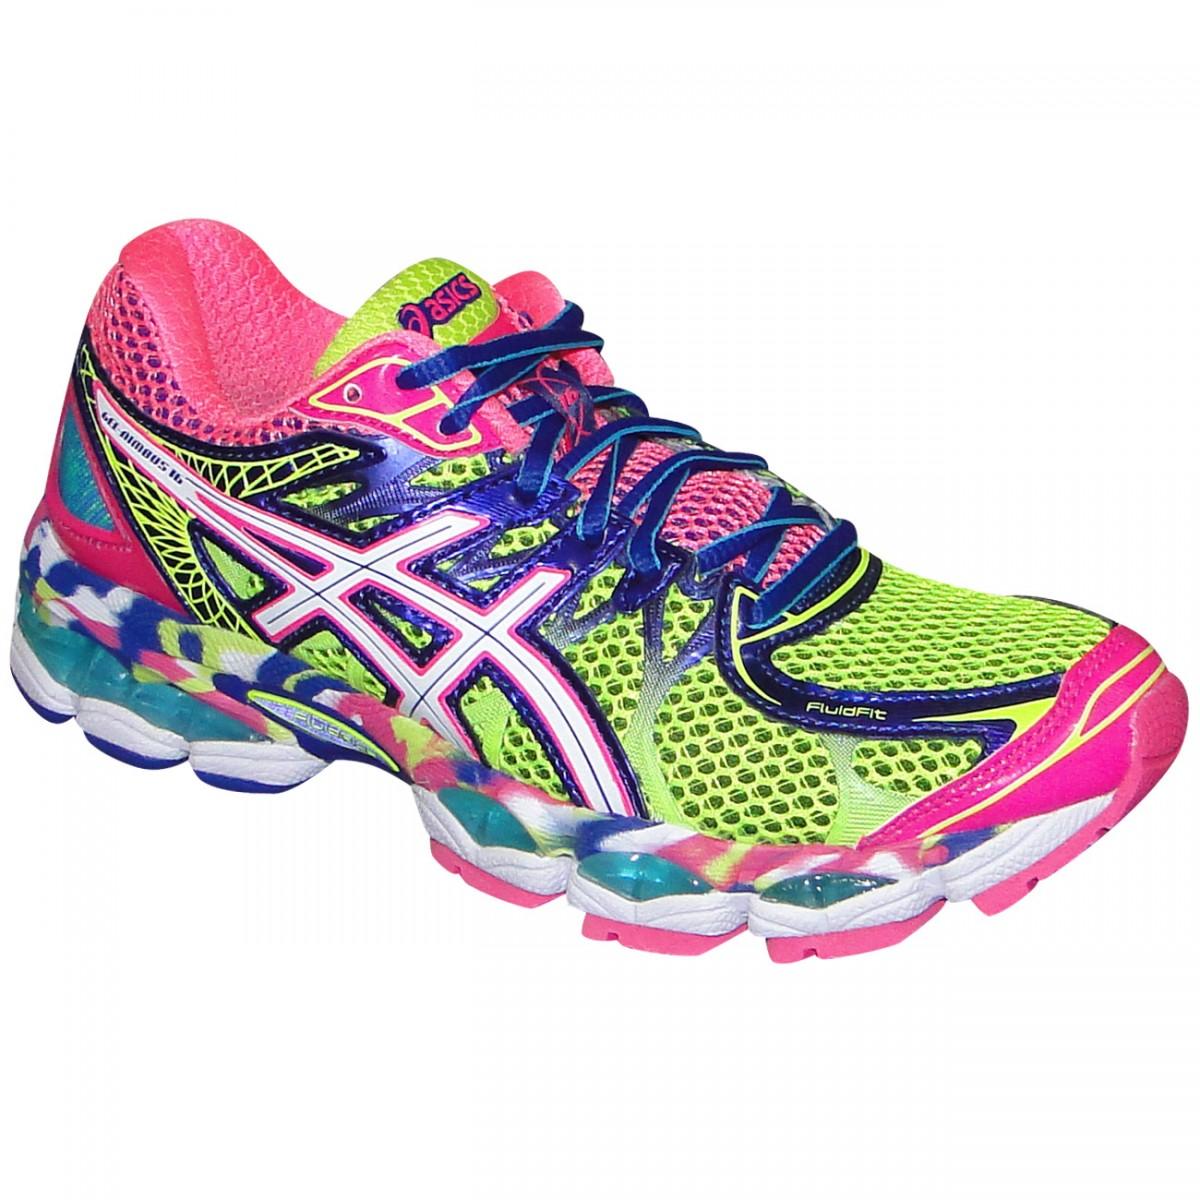 f36d0ee25e4 Tenis Asics Gel-Nimbus 16 T485Q 0720 - Limão Uva Rosa - Chuteira Nike